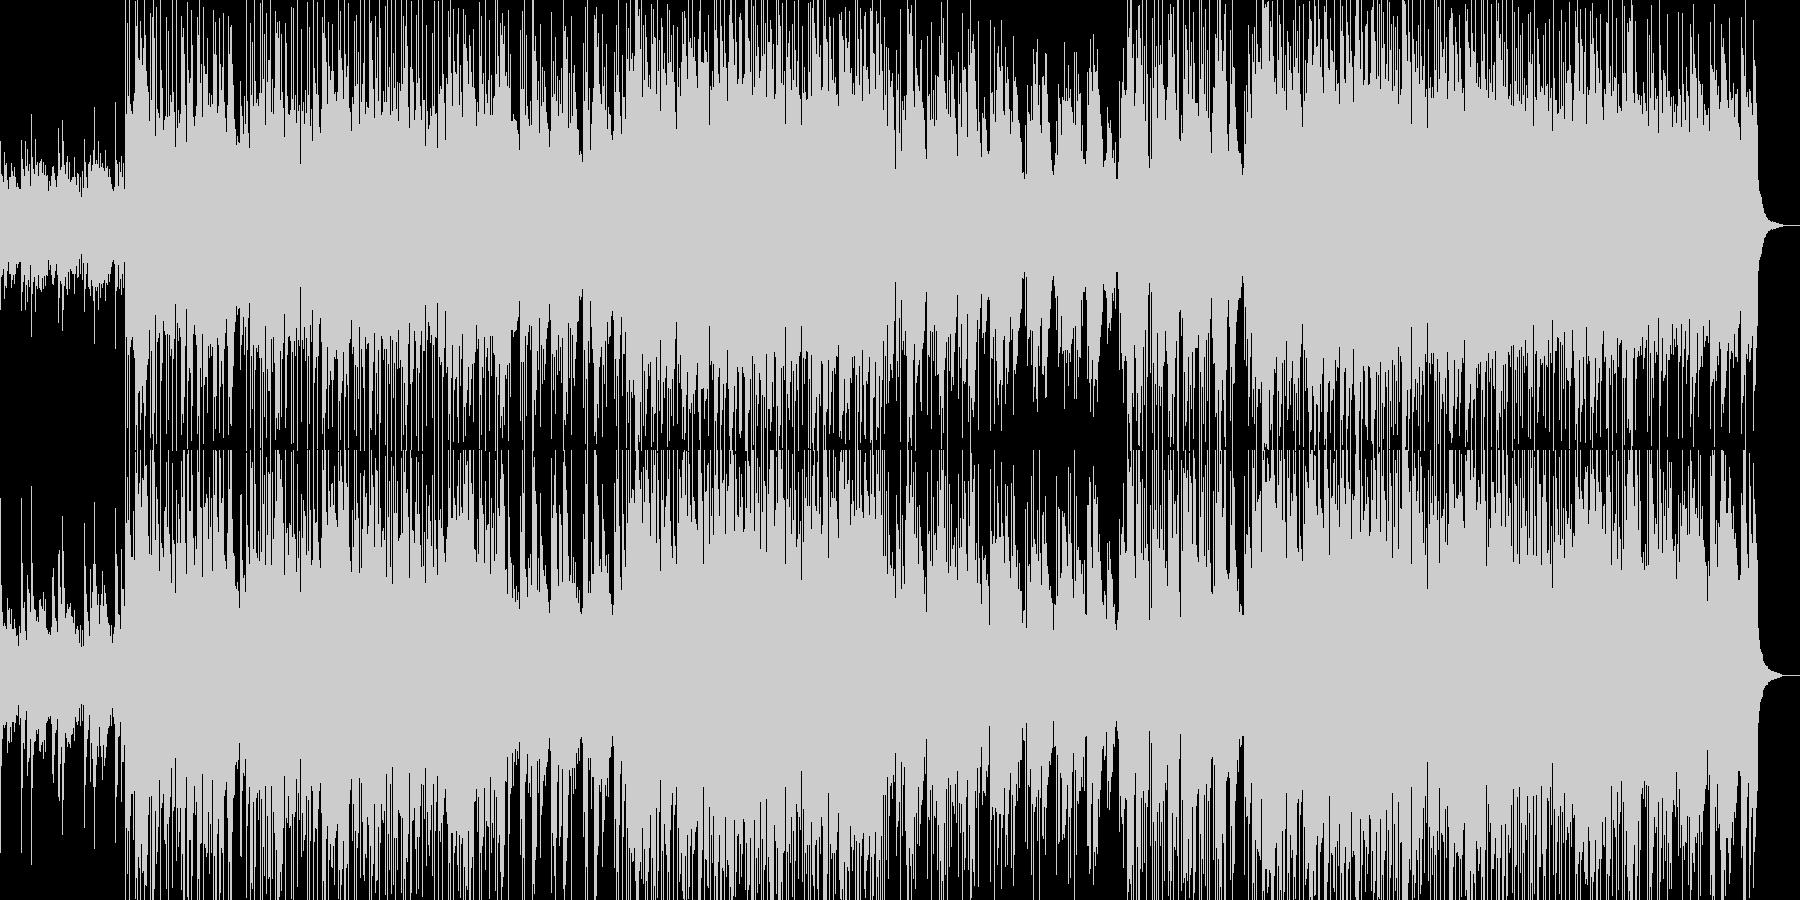 アップテンポで前向きなエレクトロポップの未再生の波形